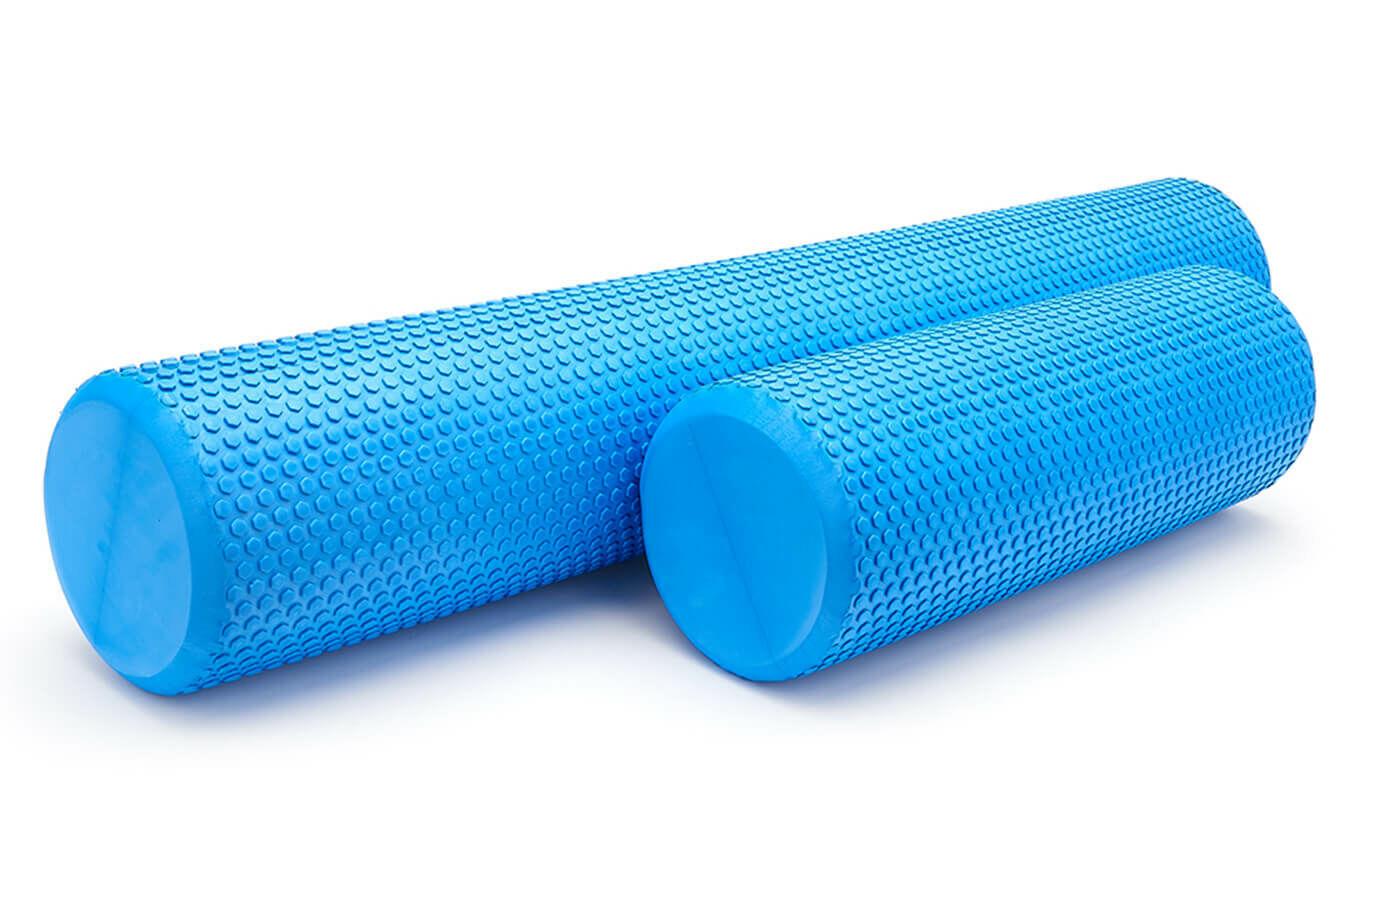 JTX Fitness Foam Rollers